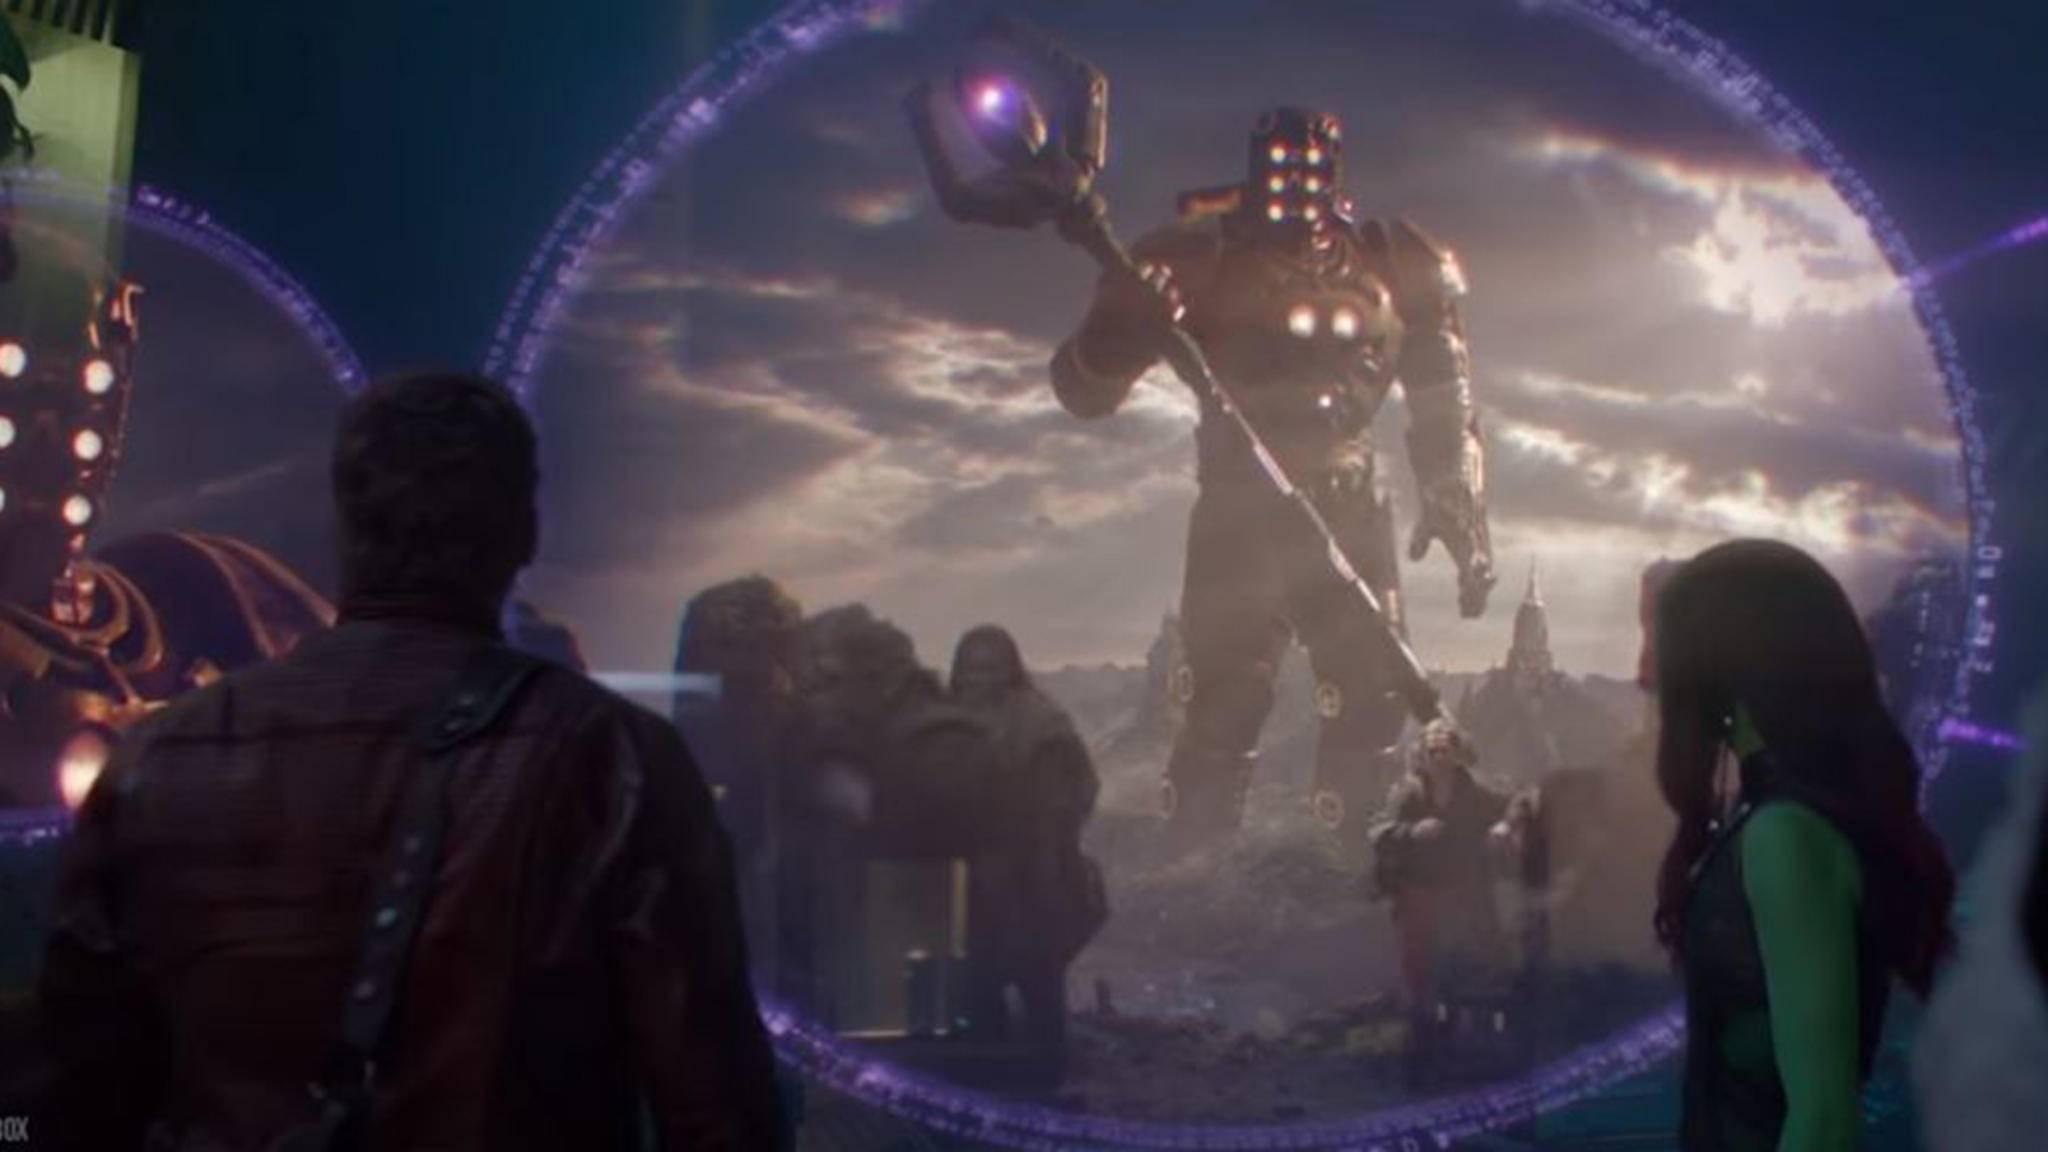 """Eson der Sucher zeigte sich bereits in """"Guardians of the Galaxy"""" (2014)."""